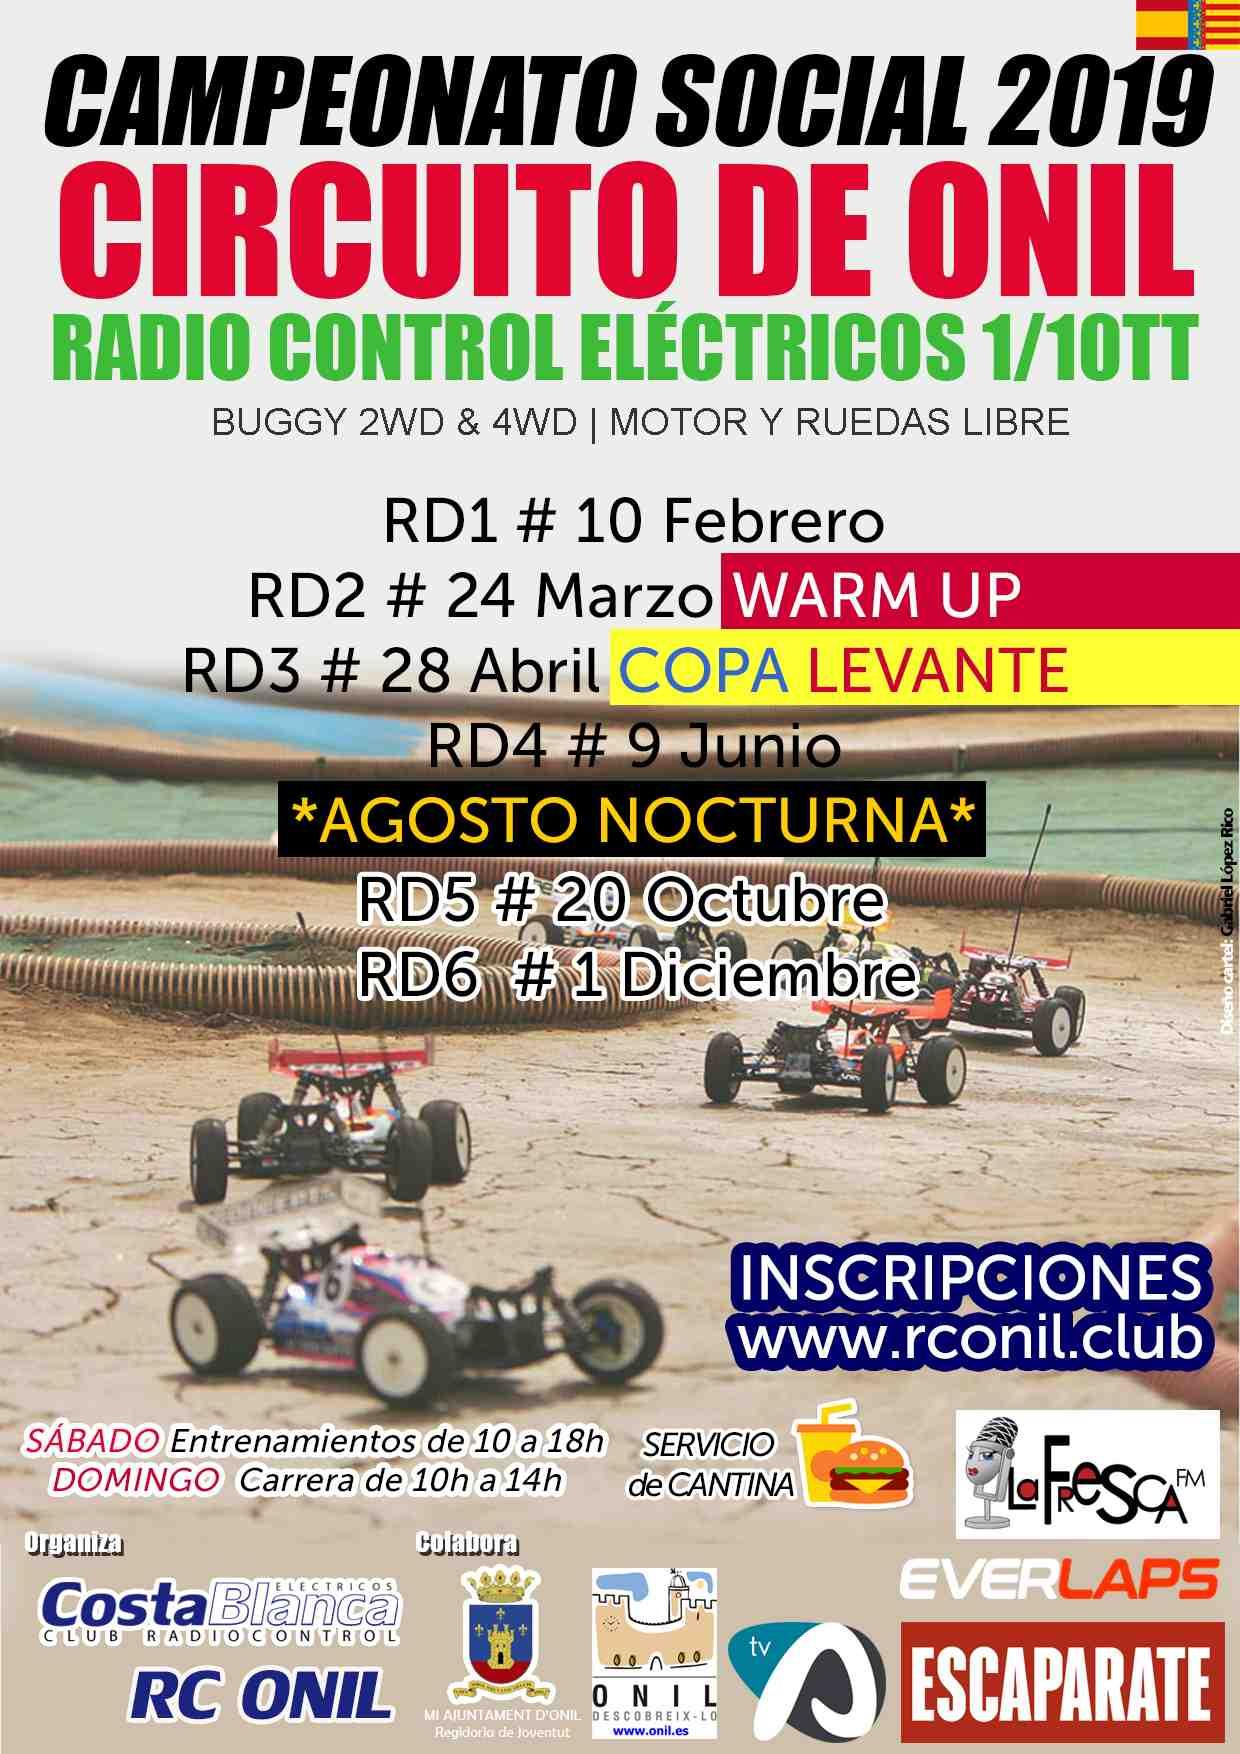 El diumenge 9 de juny, nova prova del Campionat Social de Radiocontrol en el circuit d'Onil